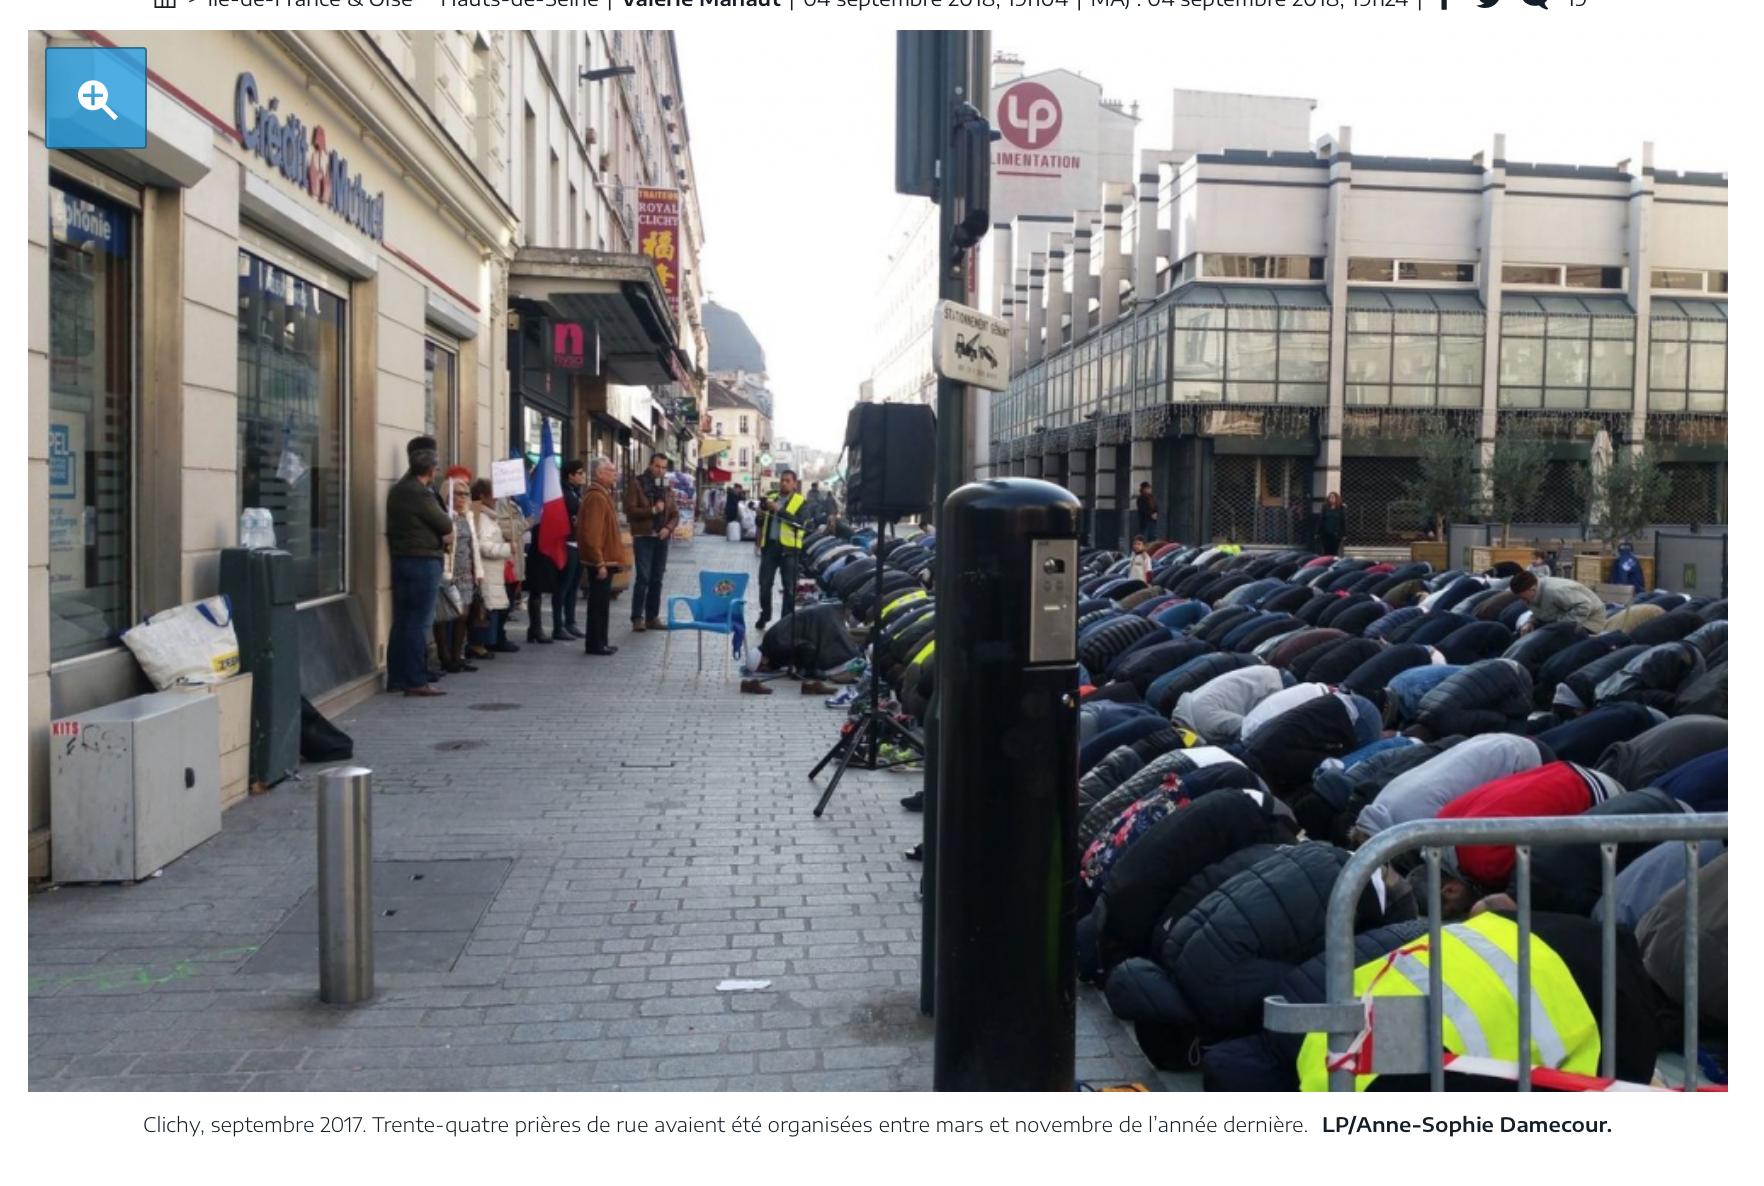 Enfin ! Les musulmans condamnés pour les prières de rue illégales à Clichy